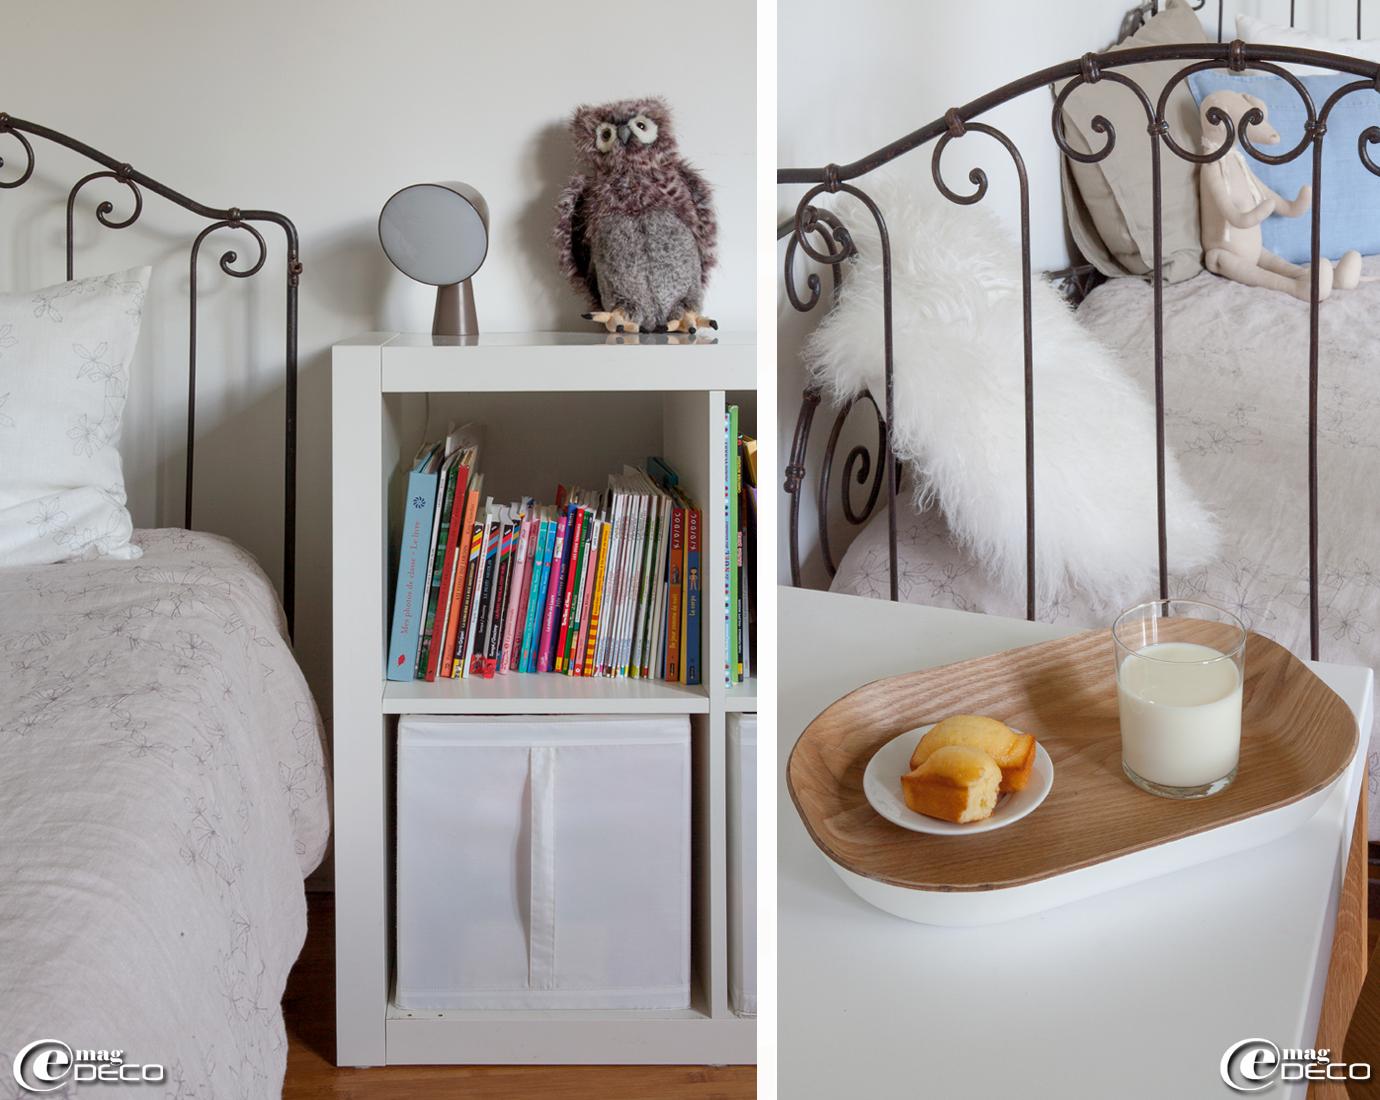 Meuble de rangement Ikea, lampe taupe Binic dessinée par Ionna Vautrin et peluche hibou acheté à la boutique Filament à Paris